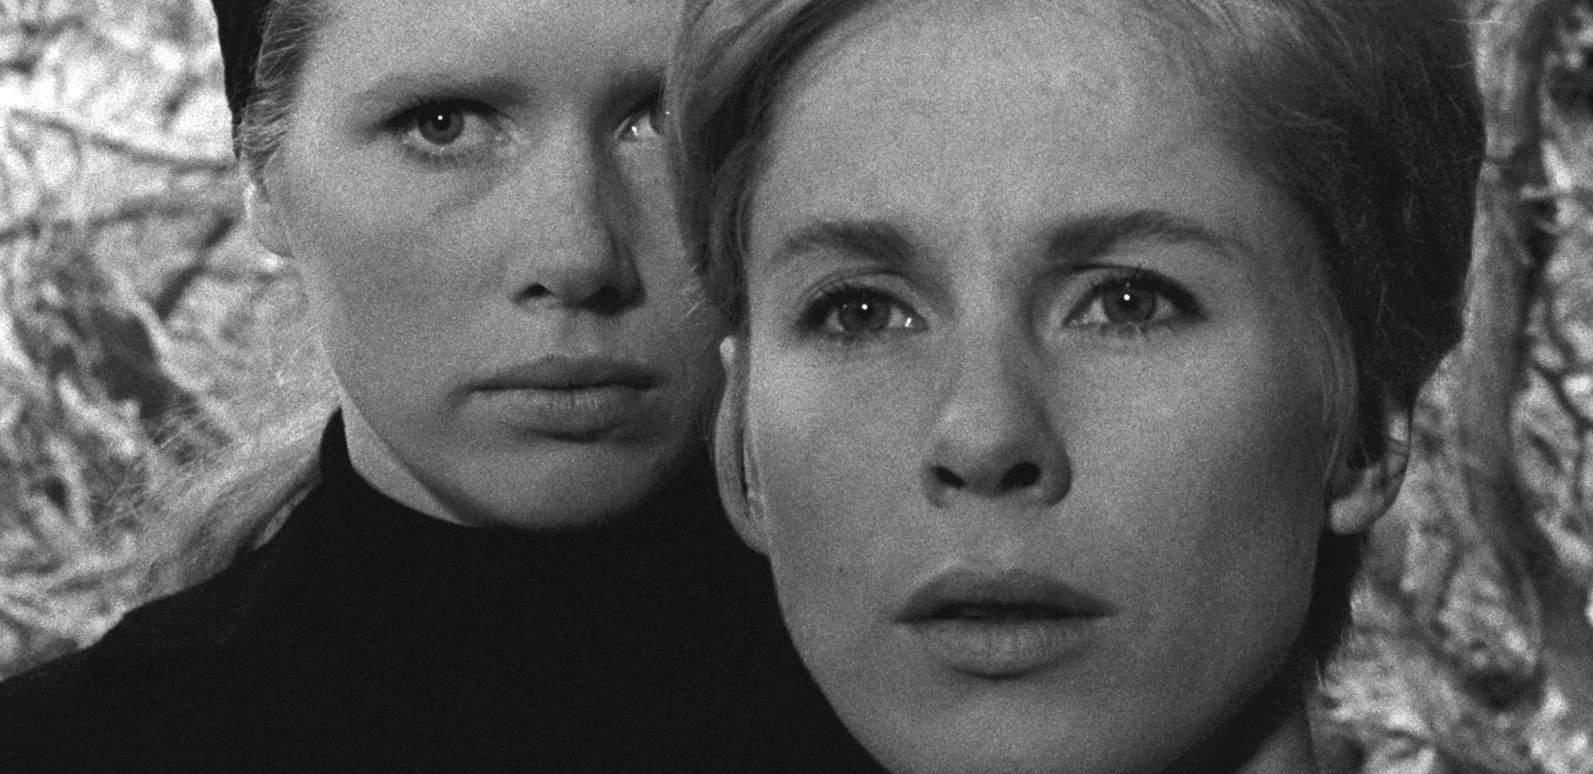 migliori interpretazioni femminili cinema